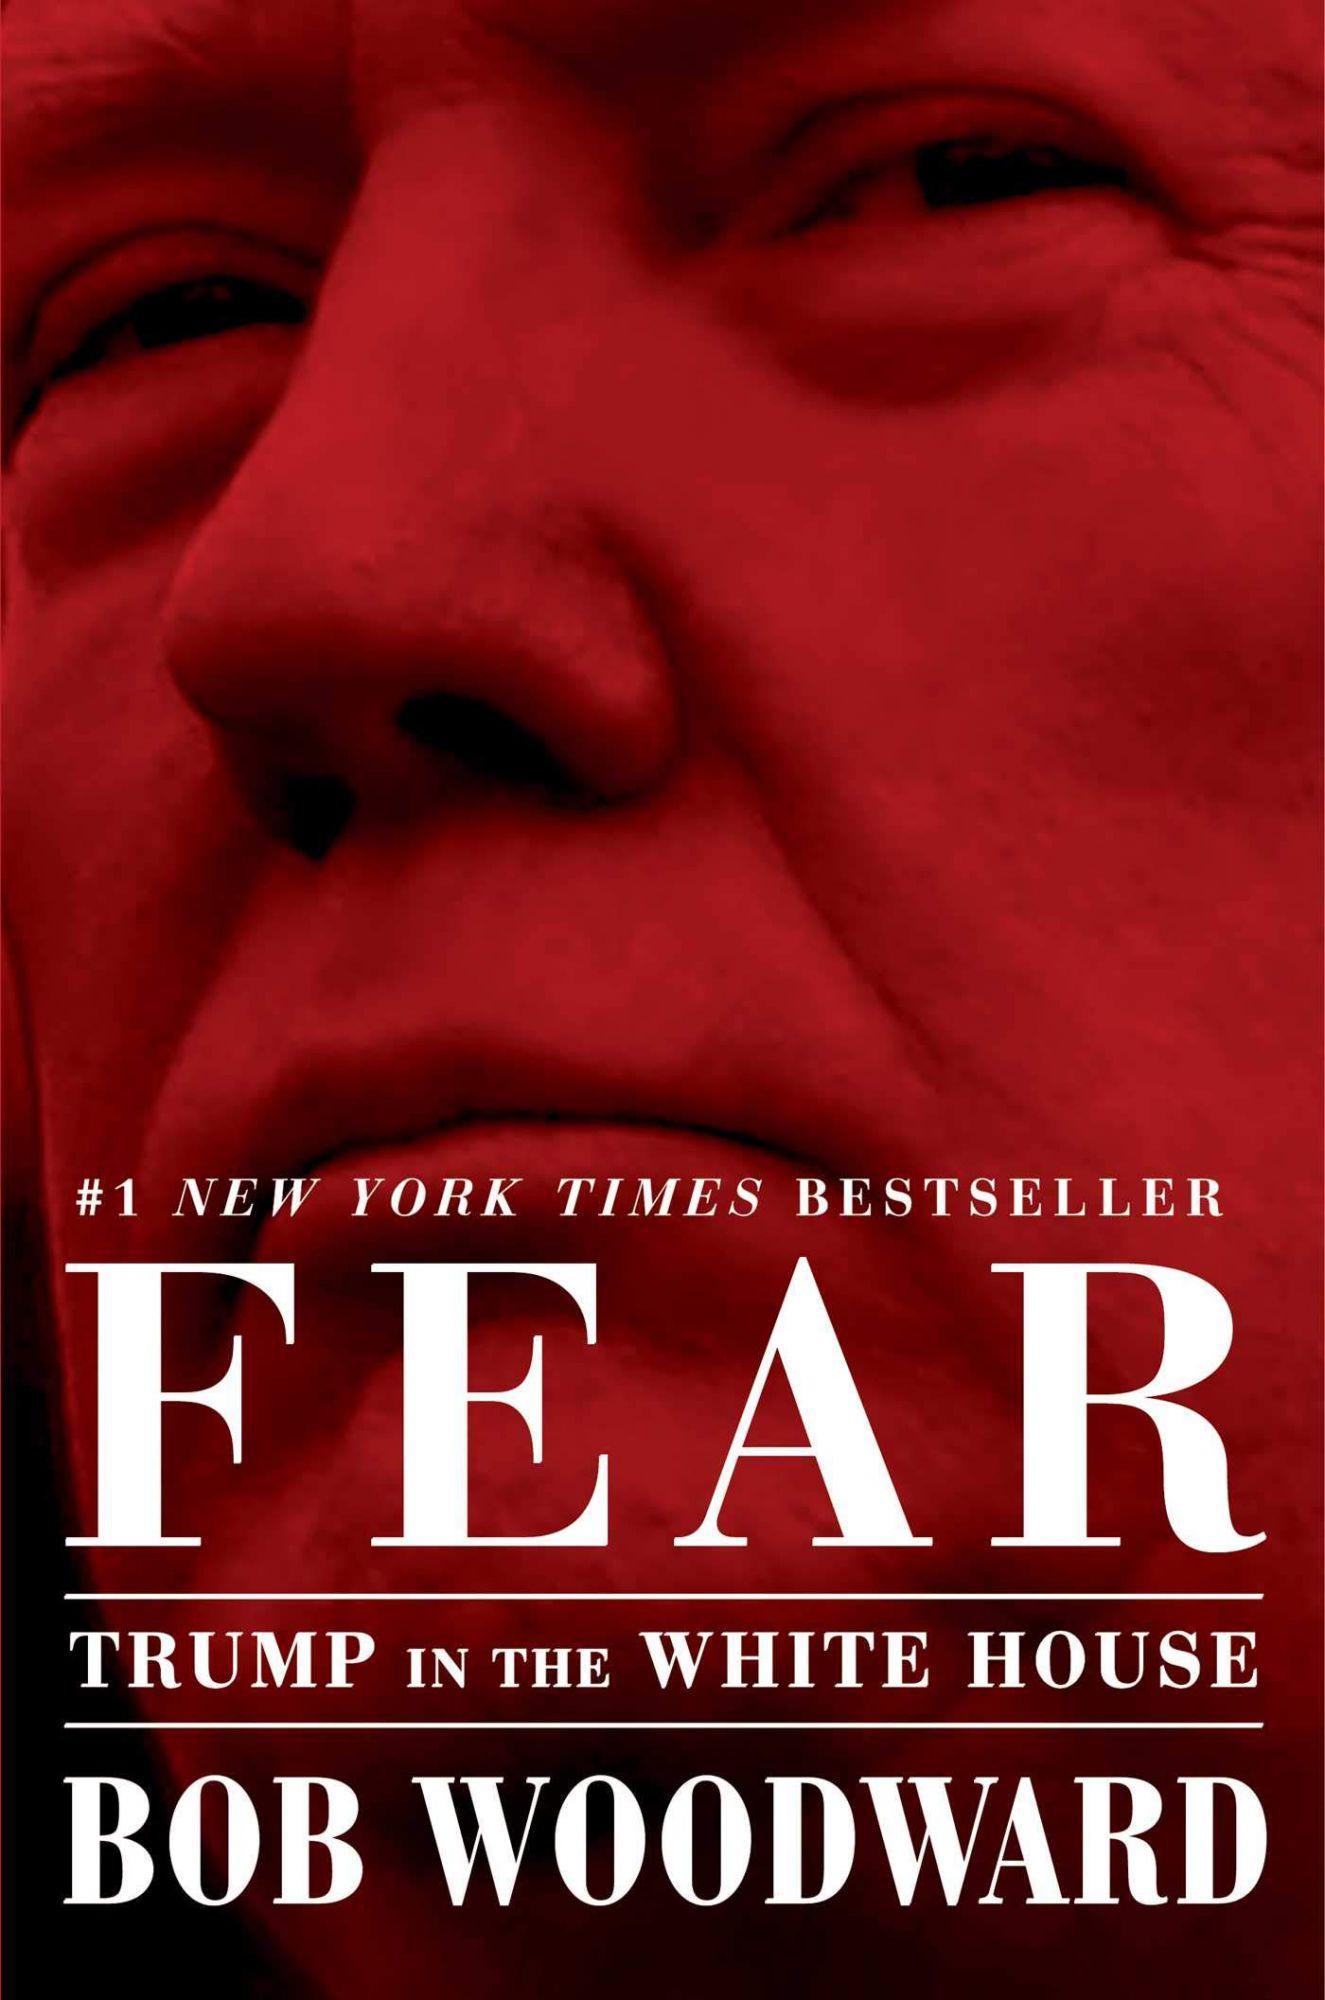 Published on Sept. 11,